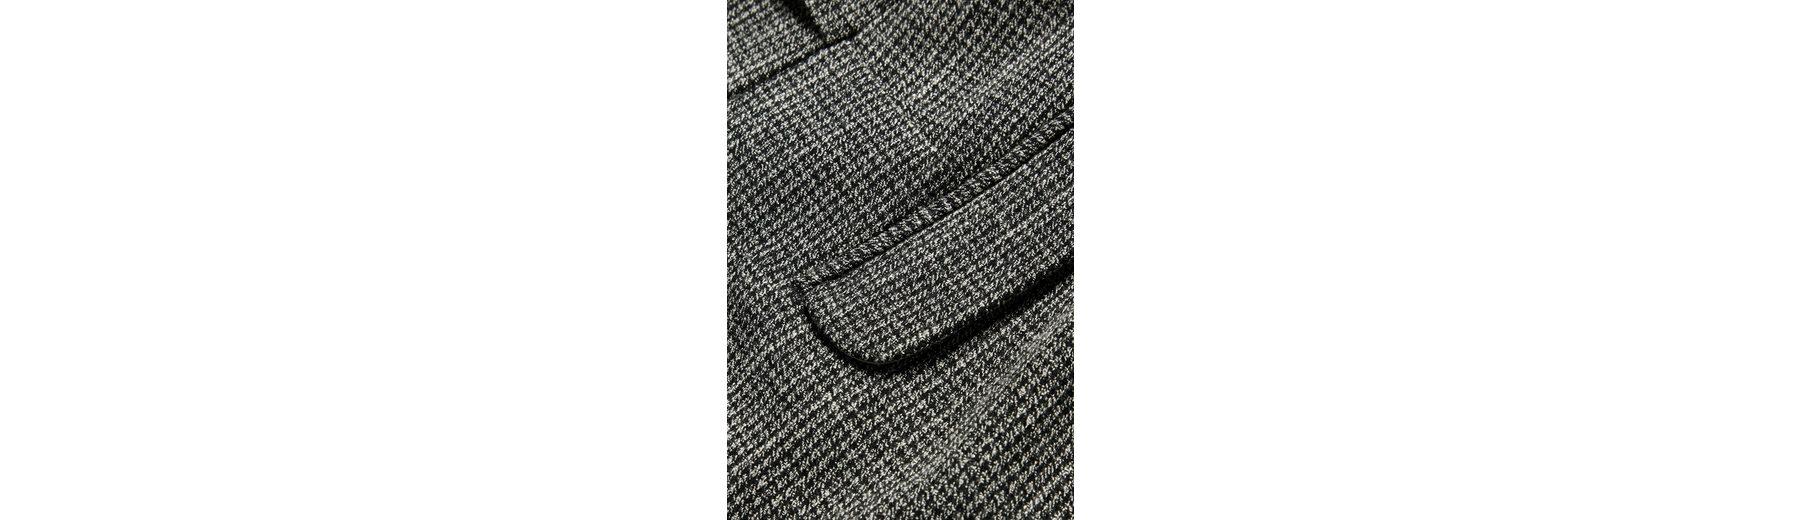 Next Strukturierte Hose mit legerer Silhouette Marktfähig Günstiger Preis Heißen Verkauf Zum Verkauf Geniue Händler Verkauf Online Eastbay 0Rufh